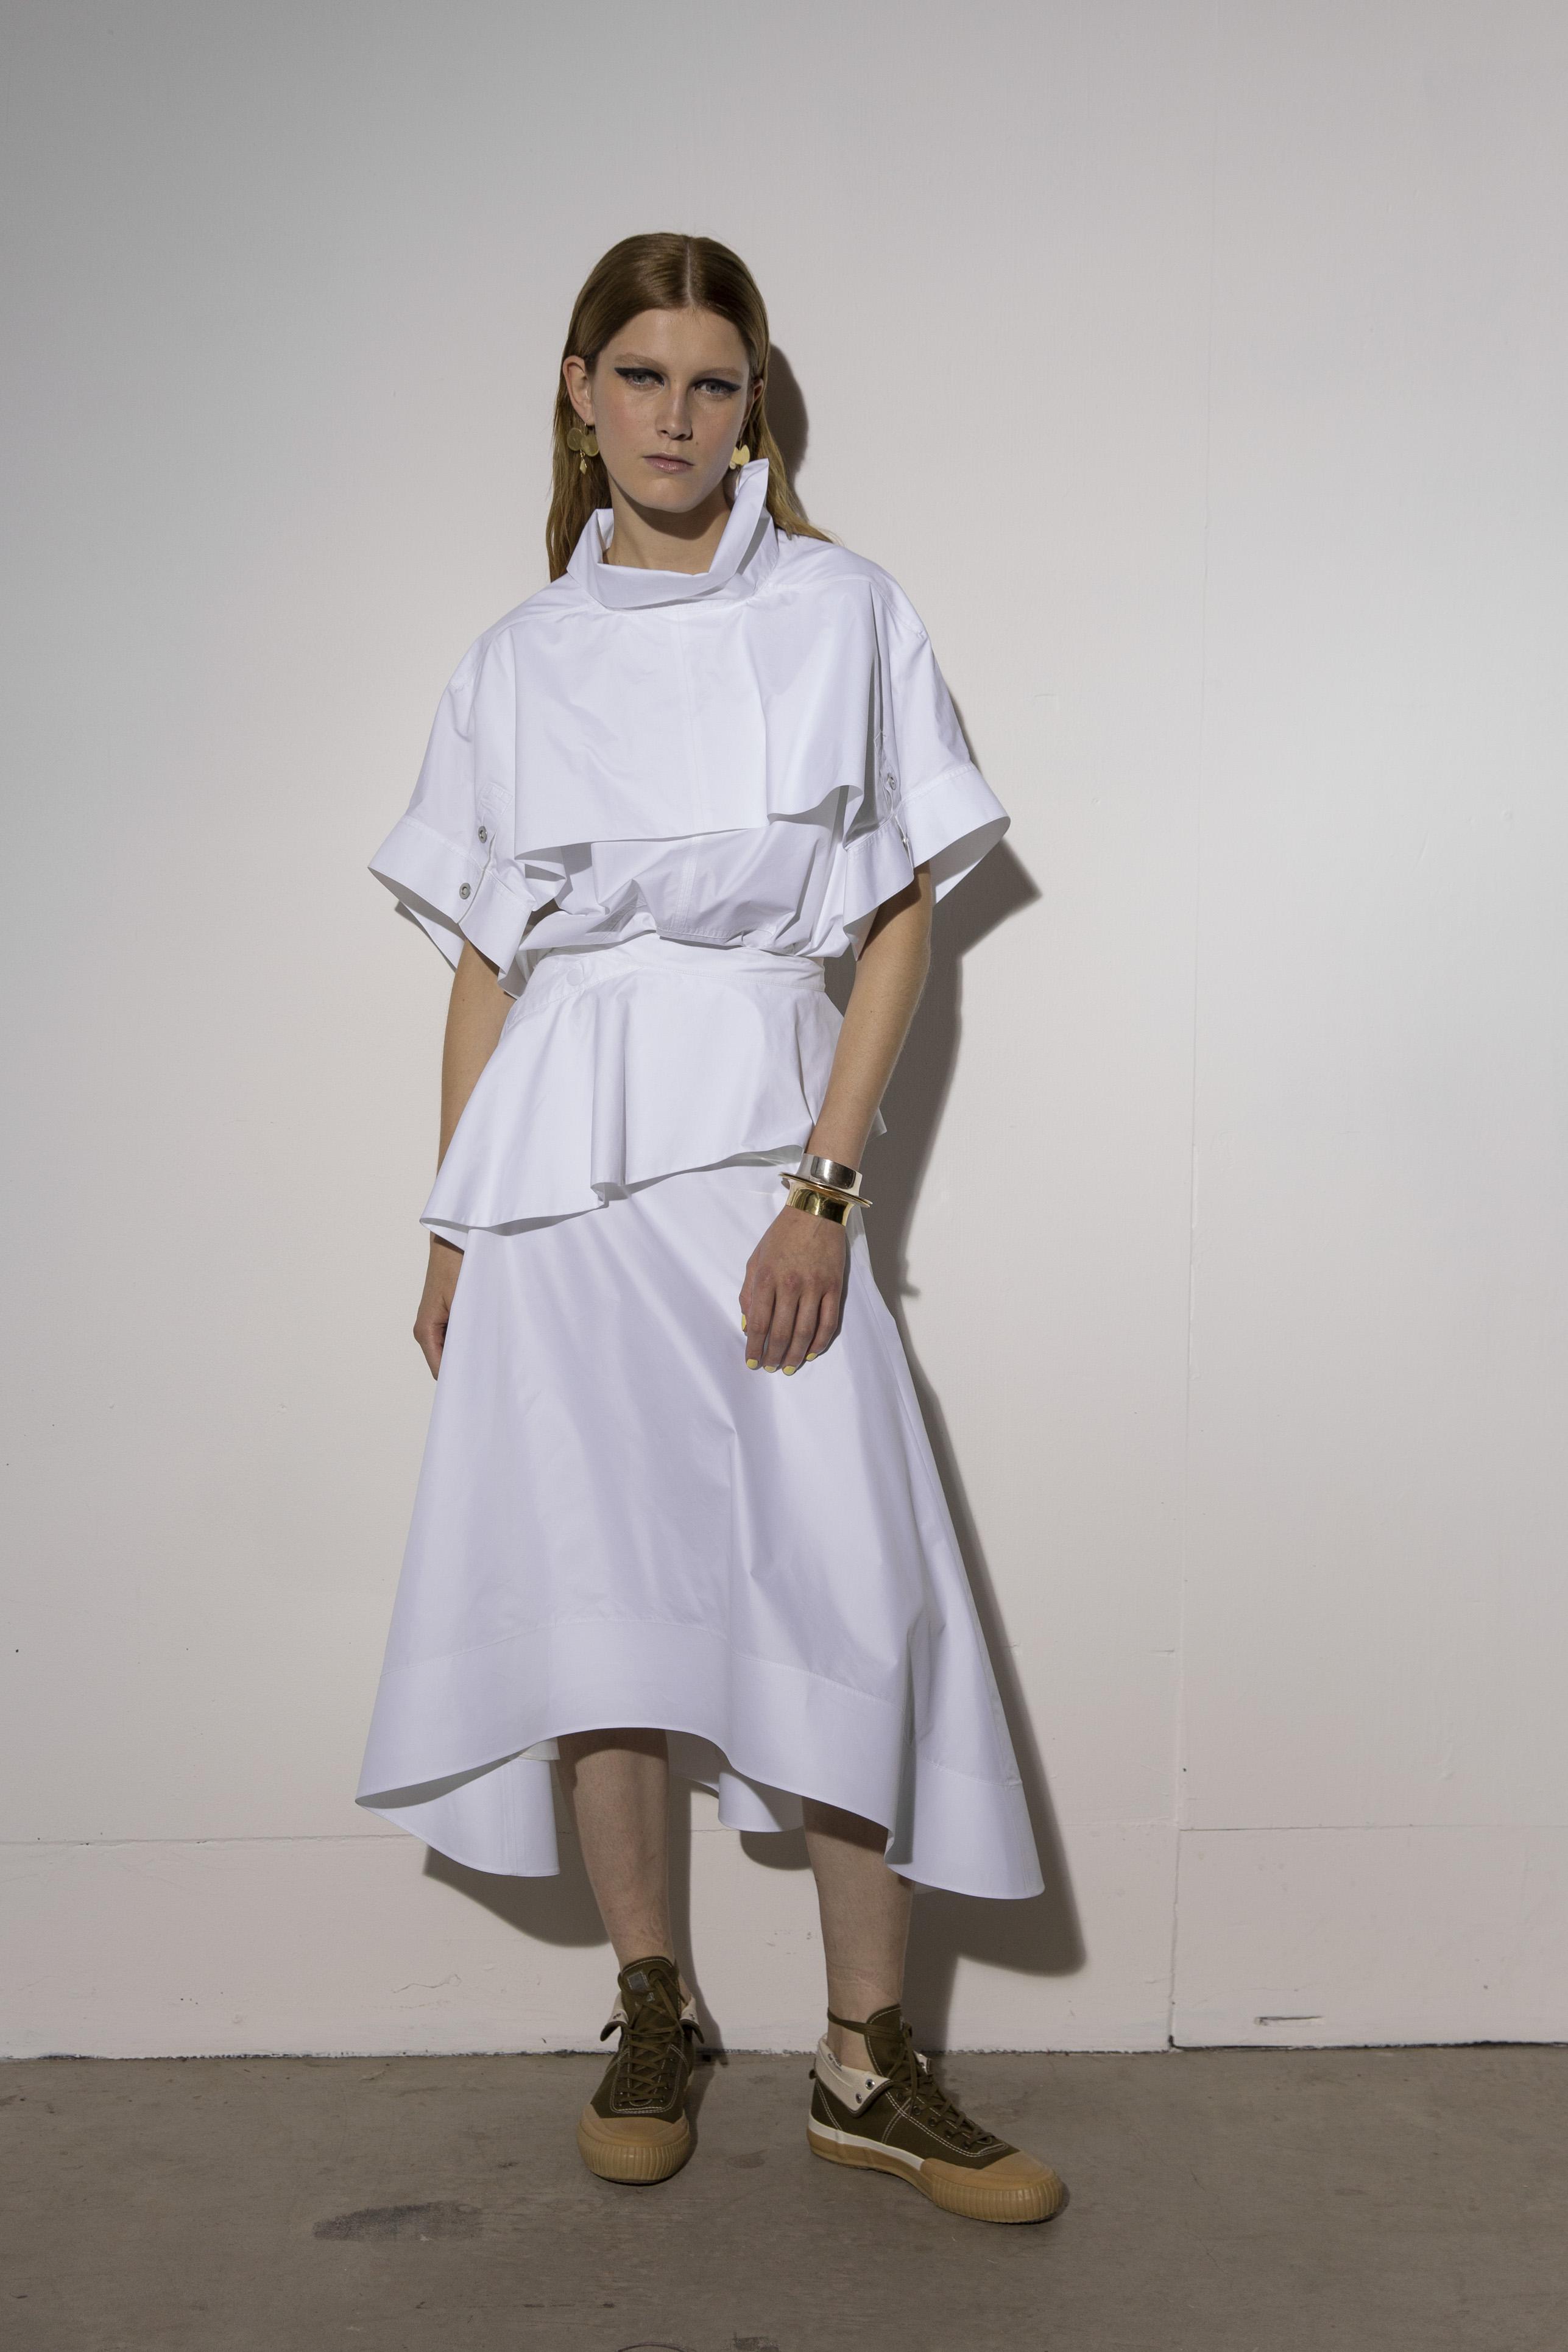 Ve sacando del fondo de tu clóset el vestido blanco veraniego y no lo combines con otro par de zapatos que no sean tus tenis favoritos. (WGSN)